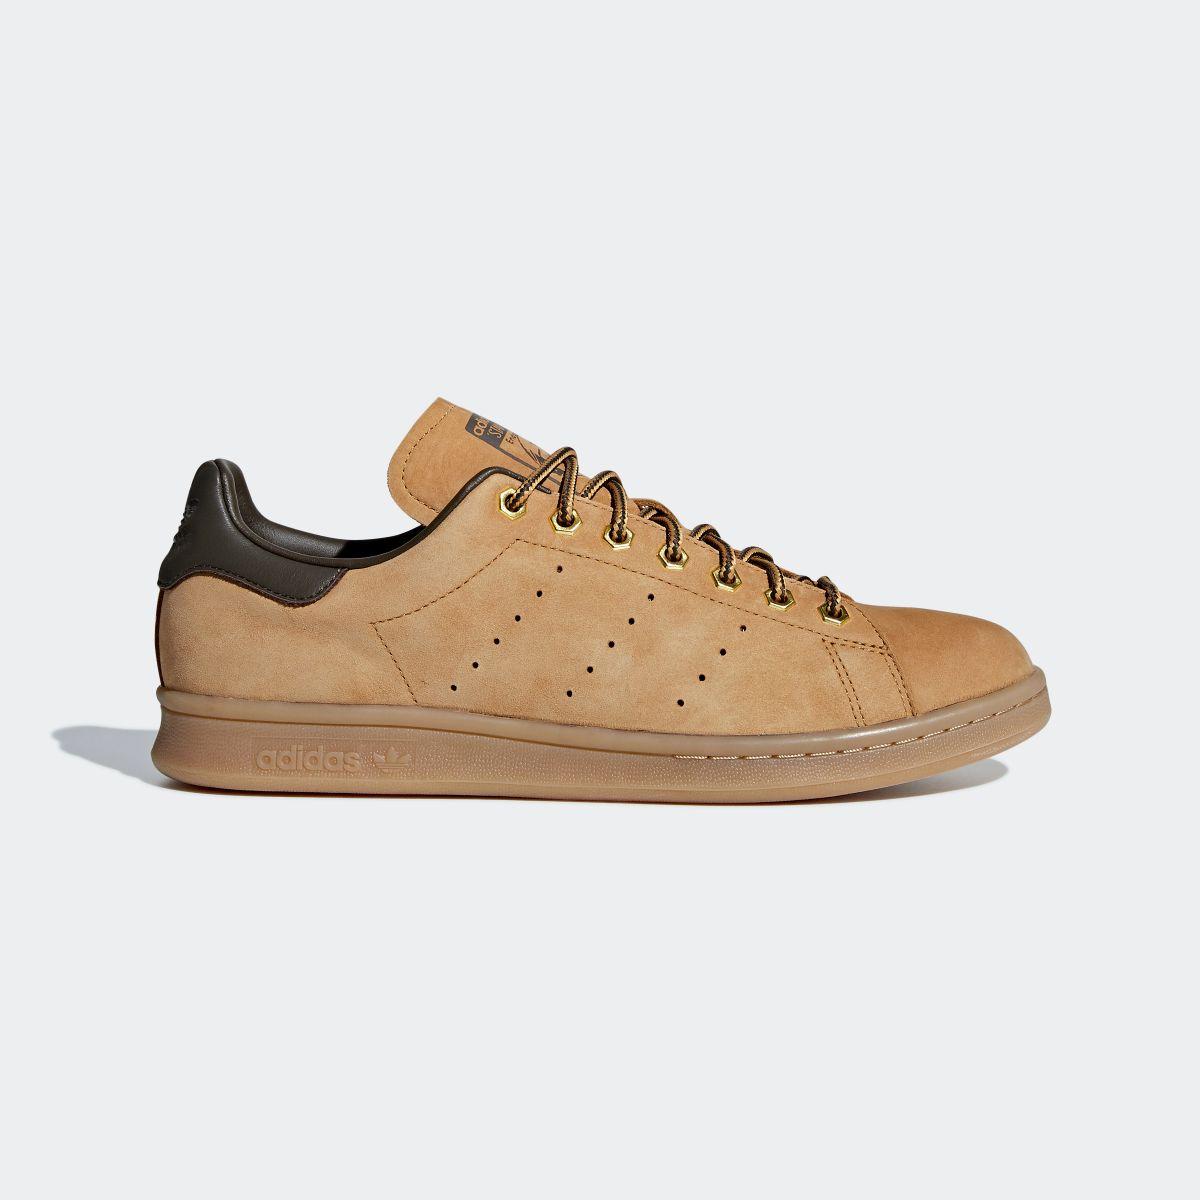 【公式】アディダス adidas スタンスミス [Stan Smith WP] レディース メンズ B37875 シューズ 天然皮革 ゴム底